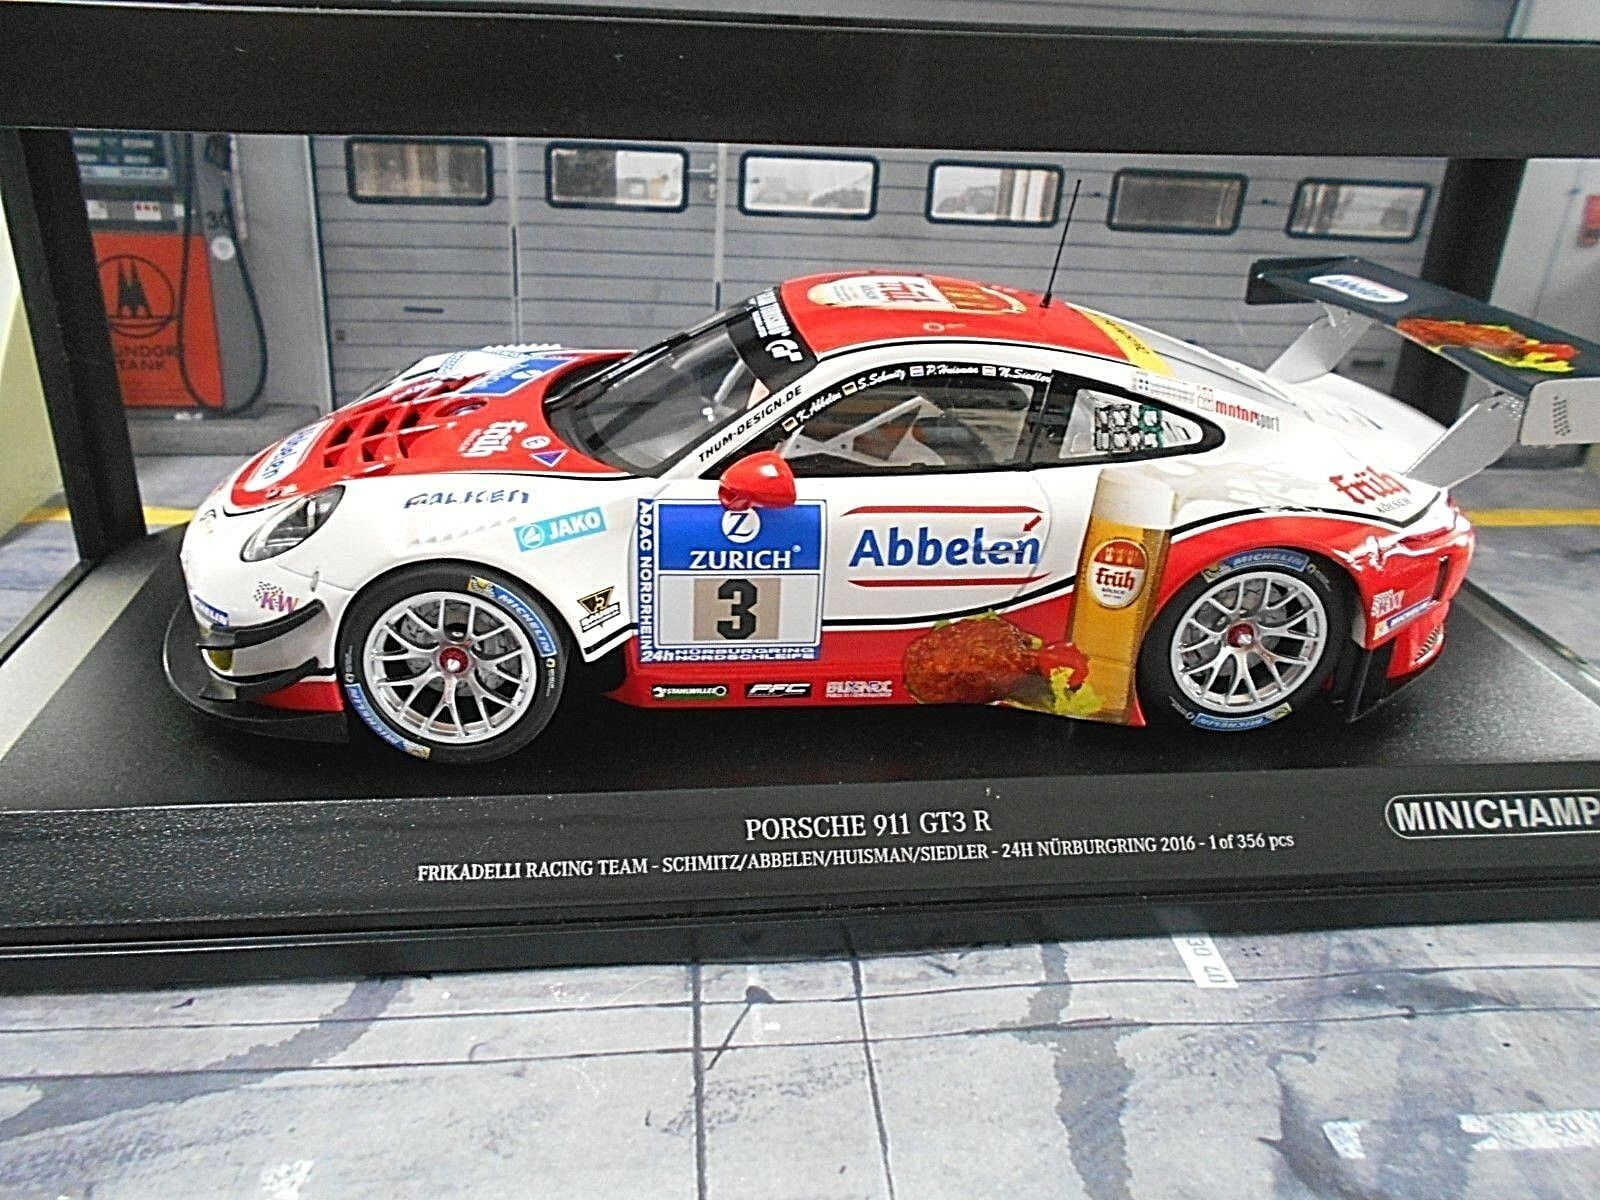 PORSCHE 911 991 R GT3 24h Nbr 2016 Frikadelli Früh Schmitz Minichamps 1 18